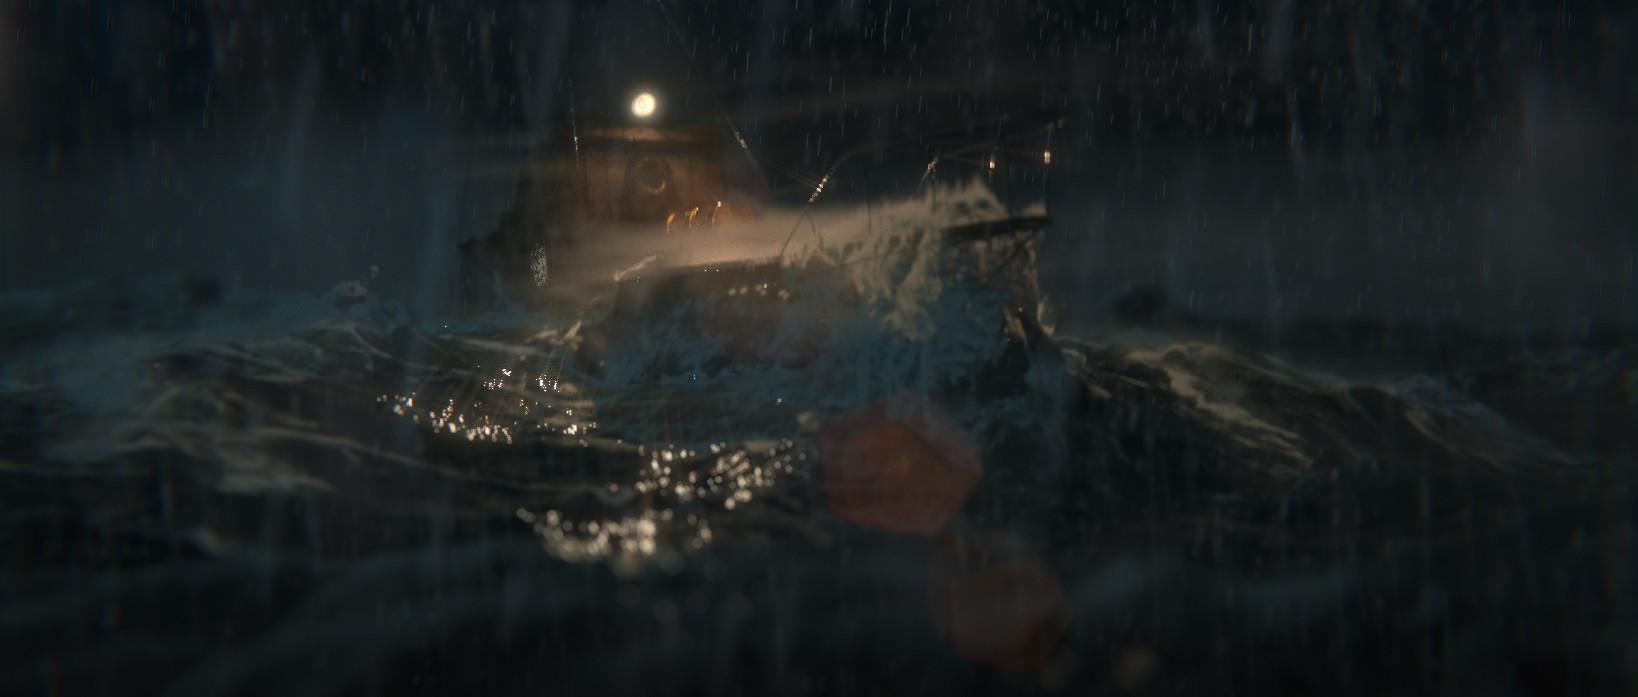 Lucas stringhetti ocean storm 01